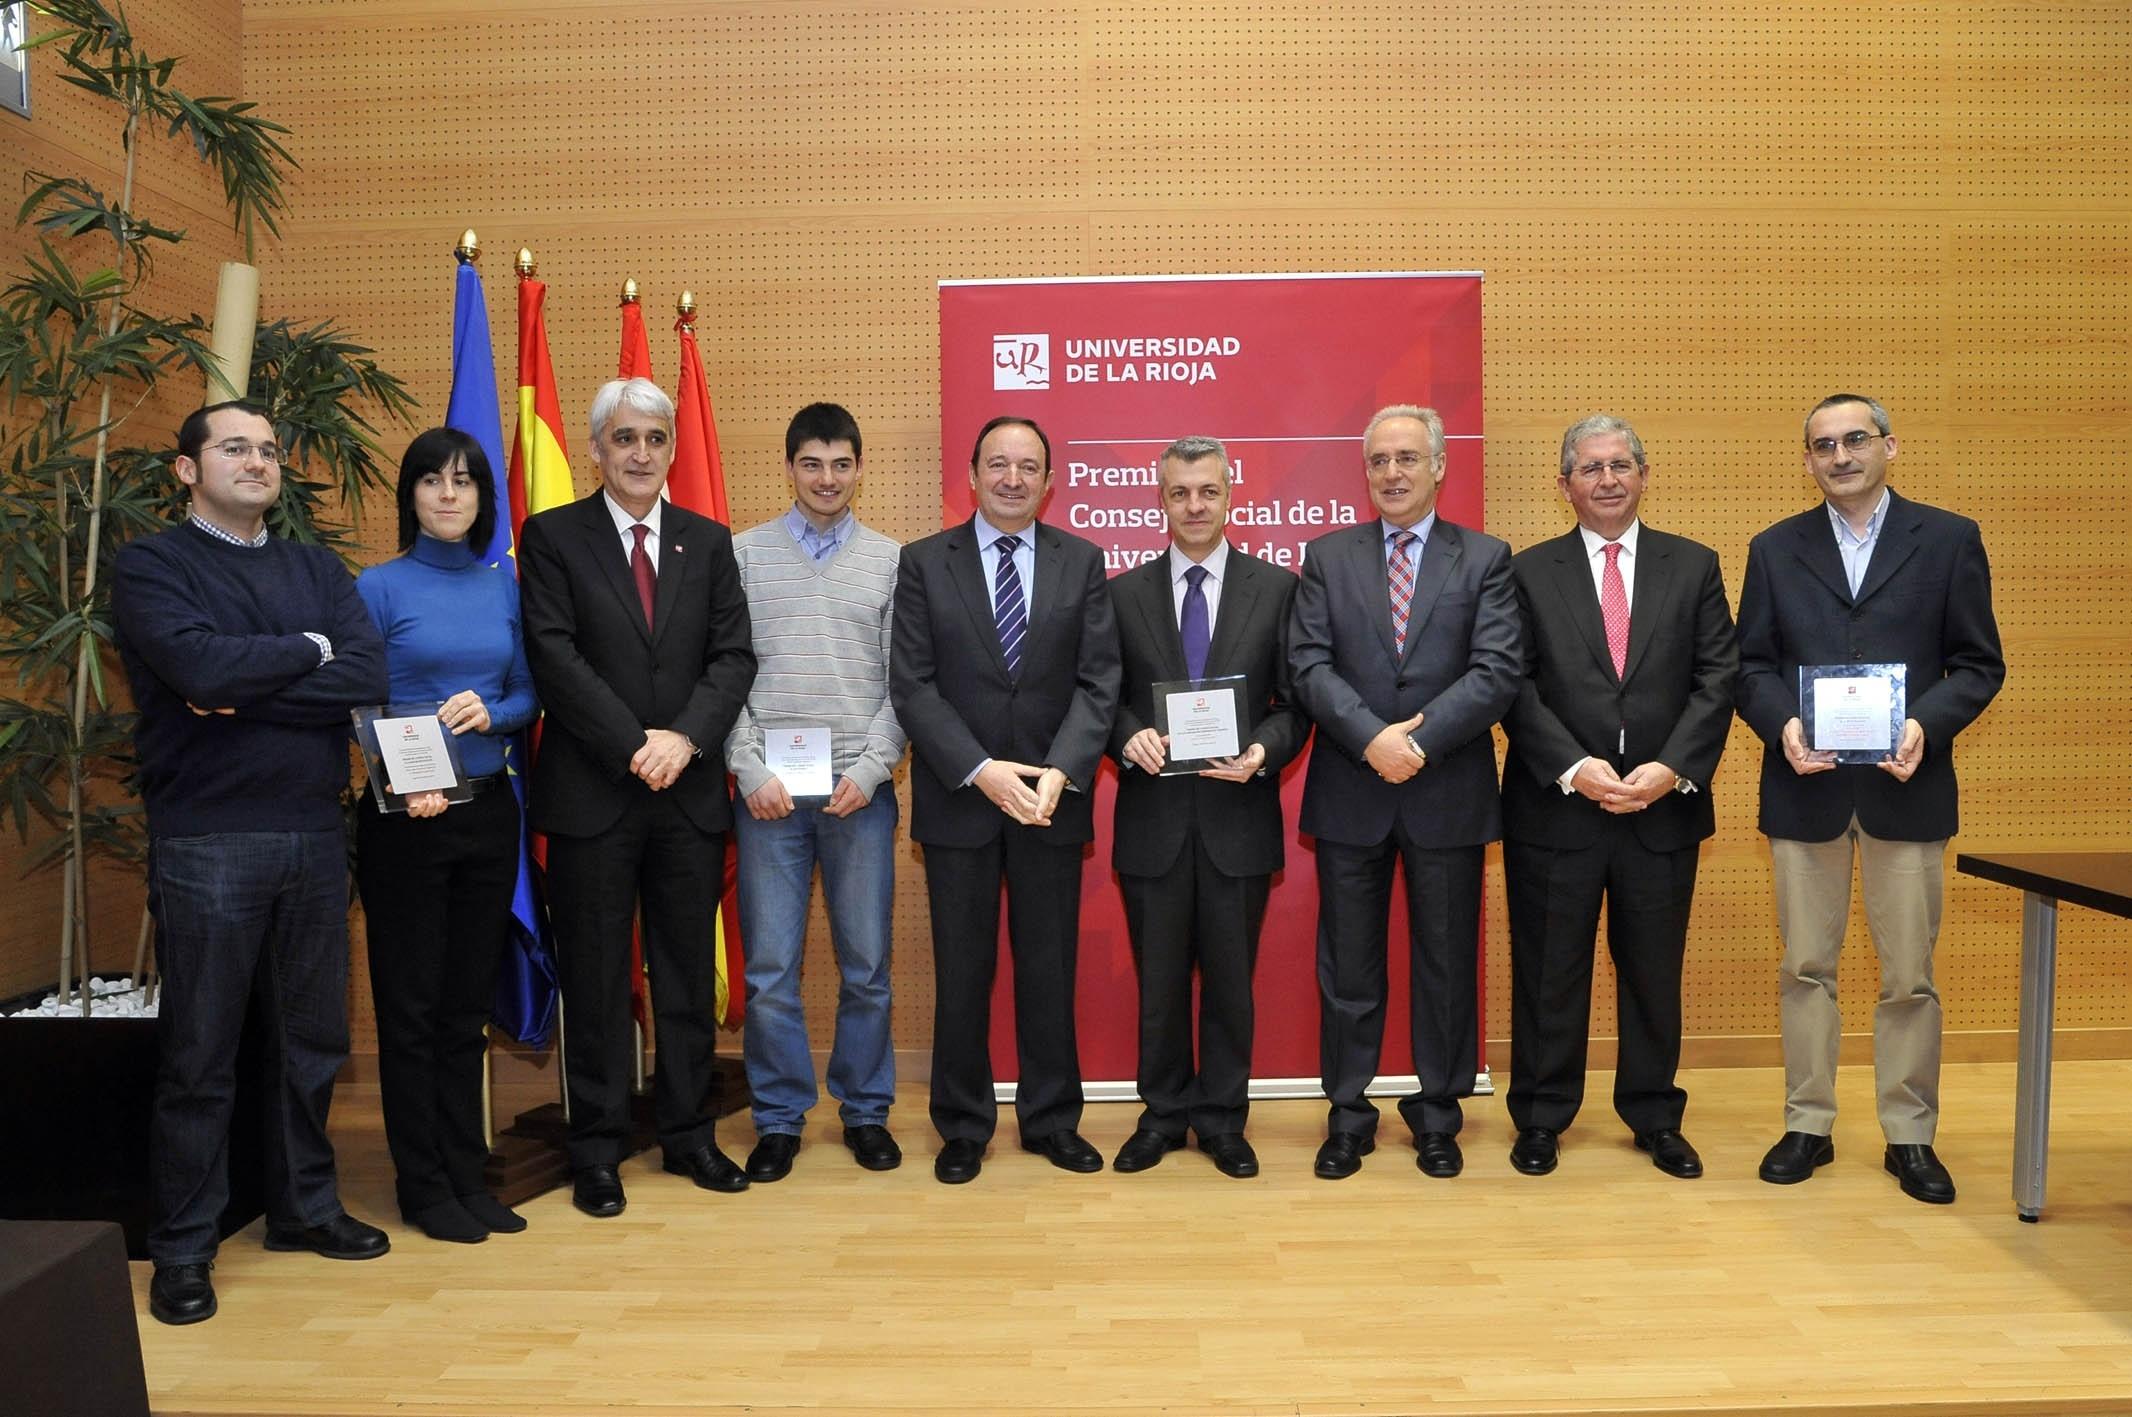 El Consejo de la UR distingue a Knet, Javier Antoñanzas, Fernando Alba, Ana González y el Grupo PSYCOTRIP